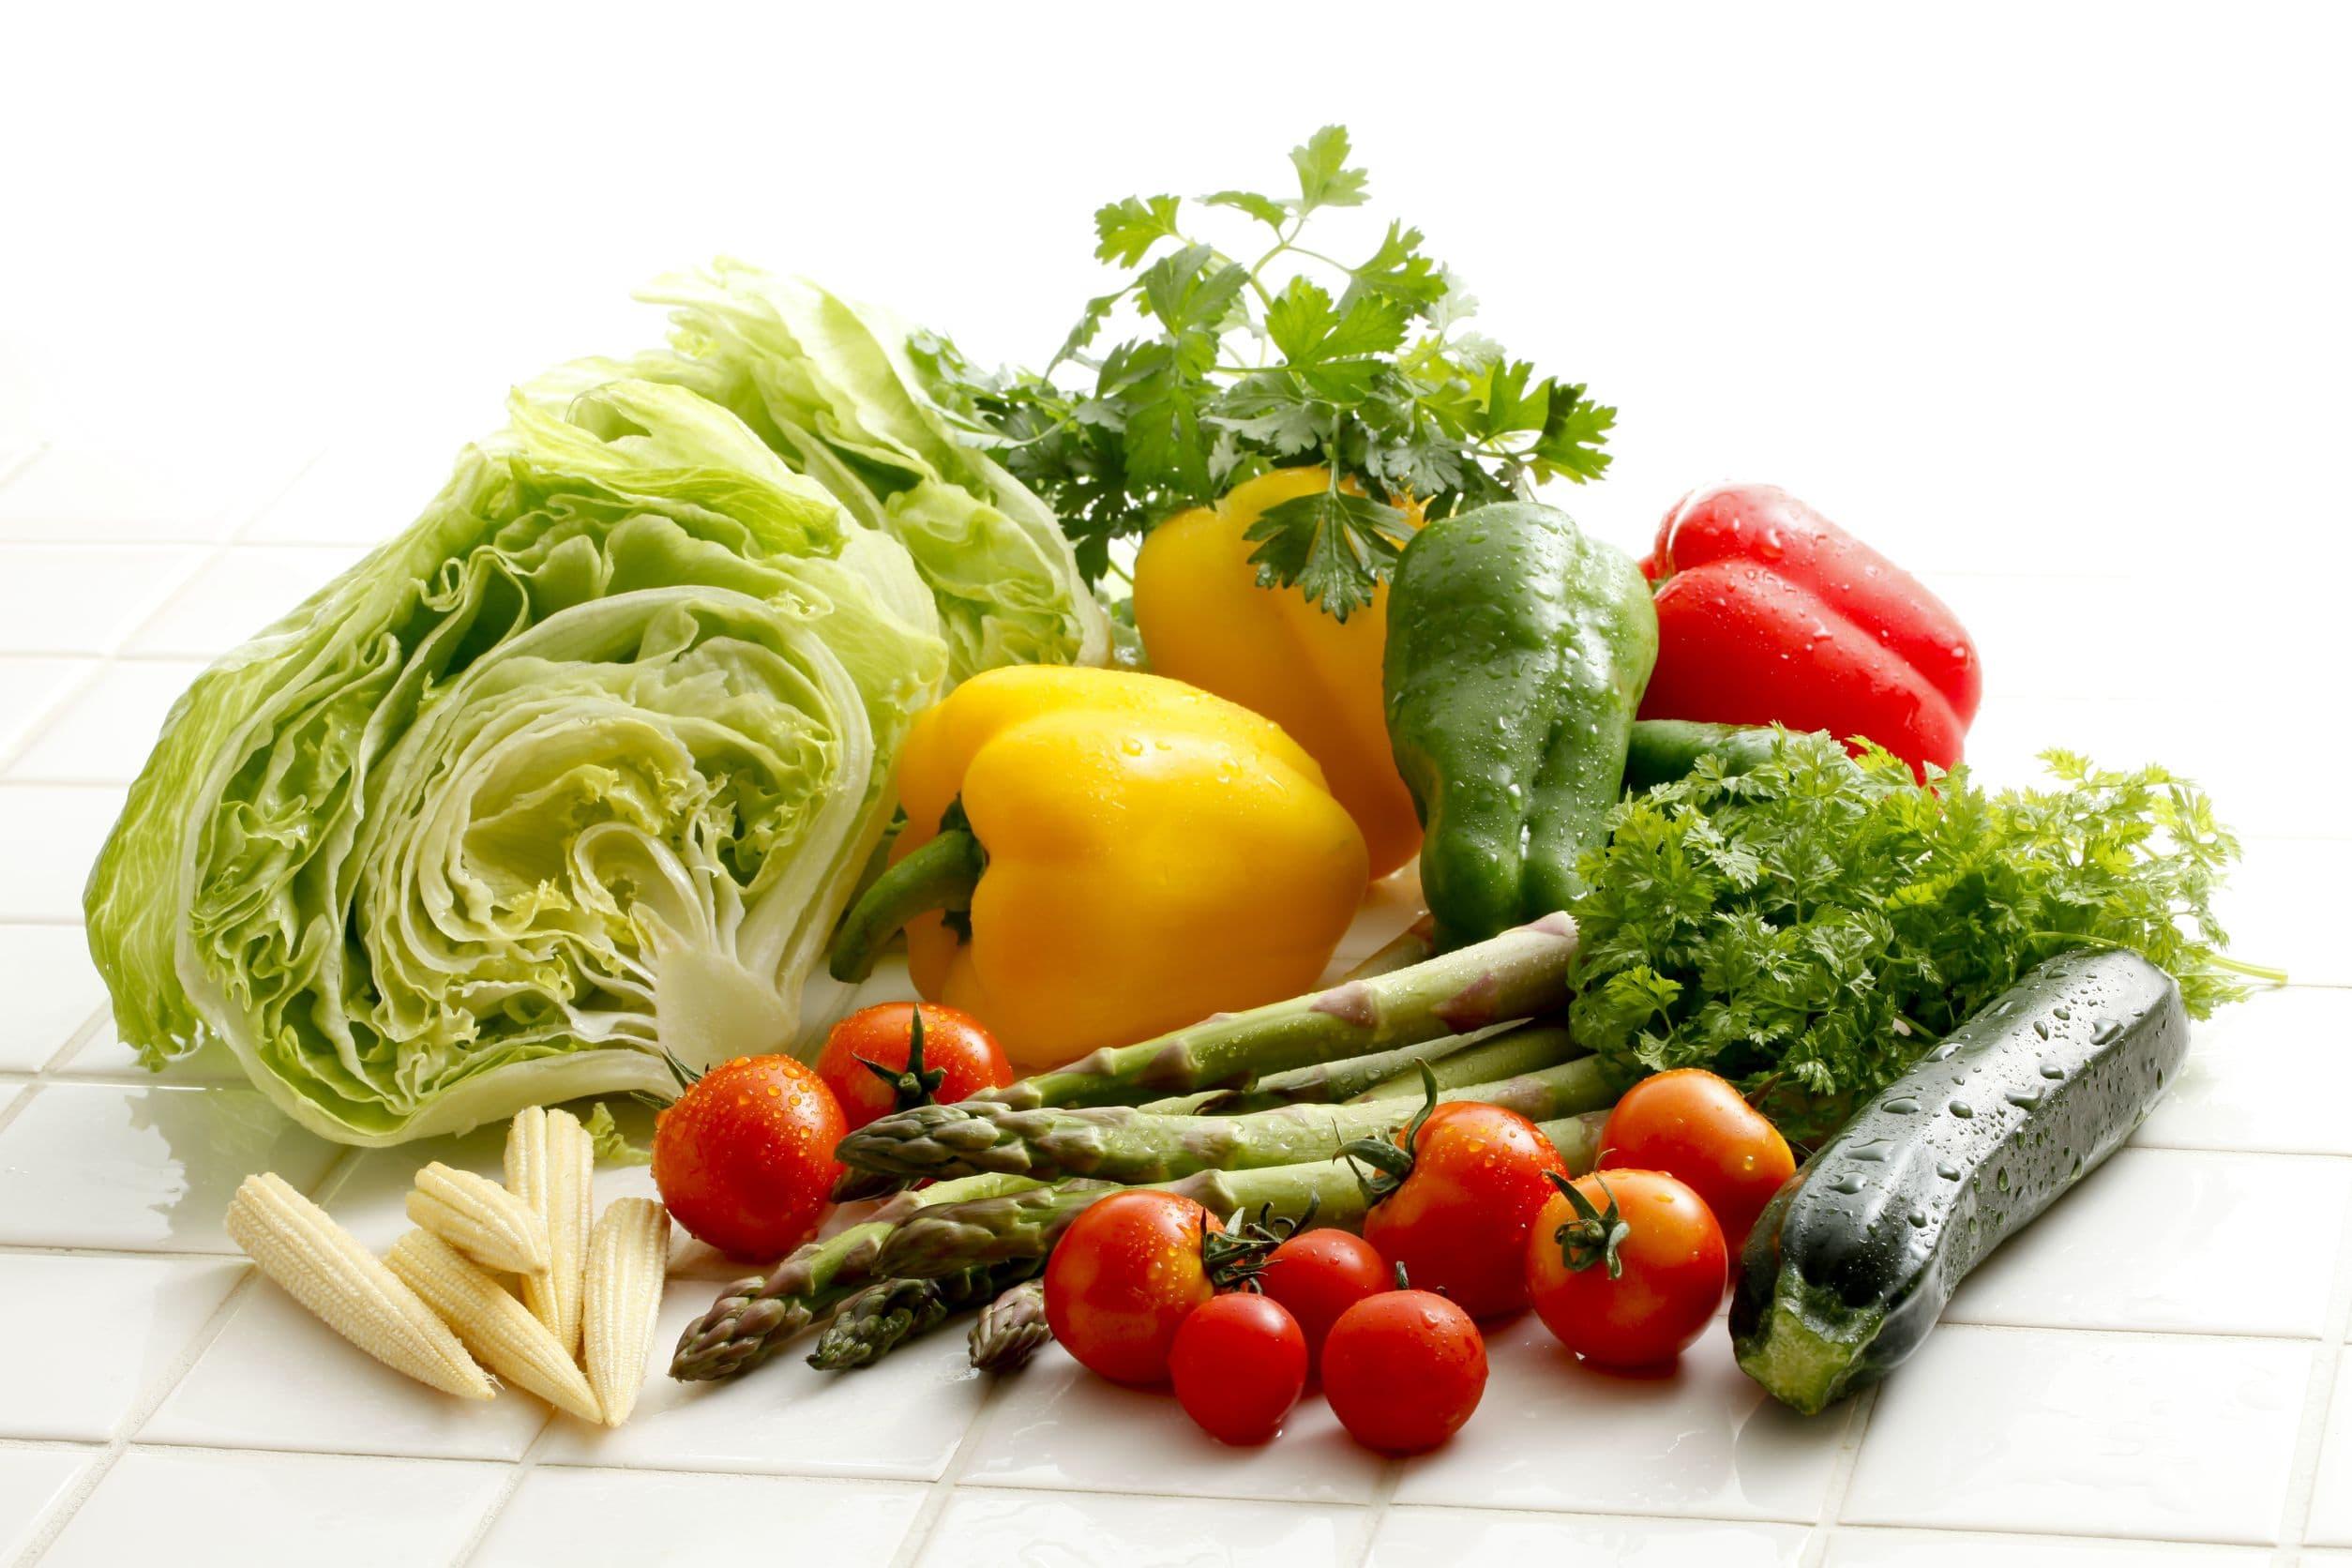 低カロリー高タンパク質野菜